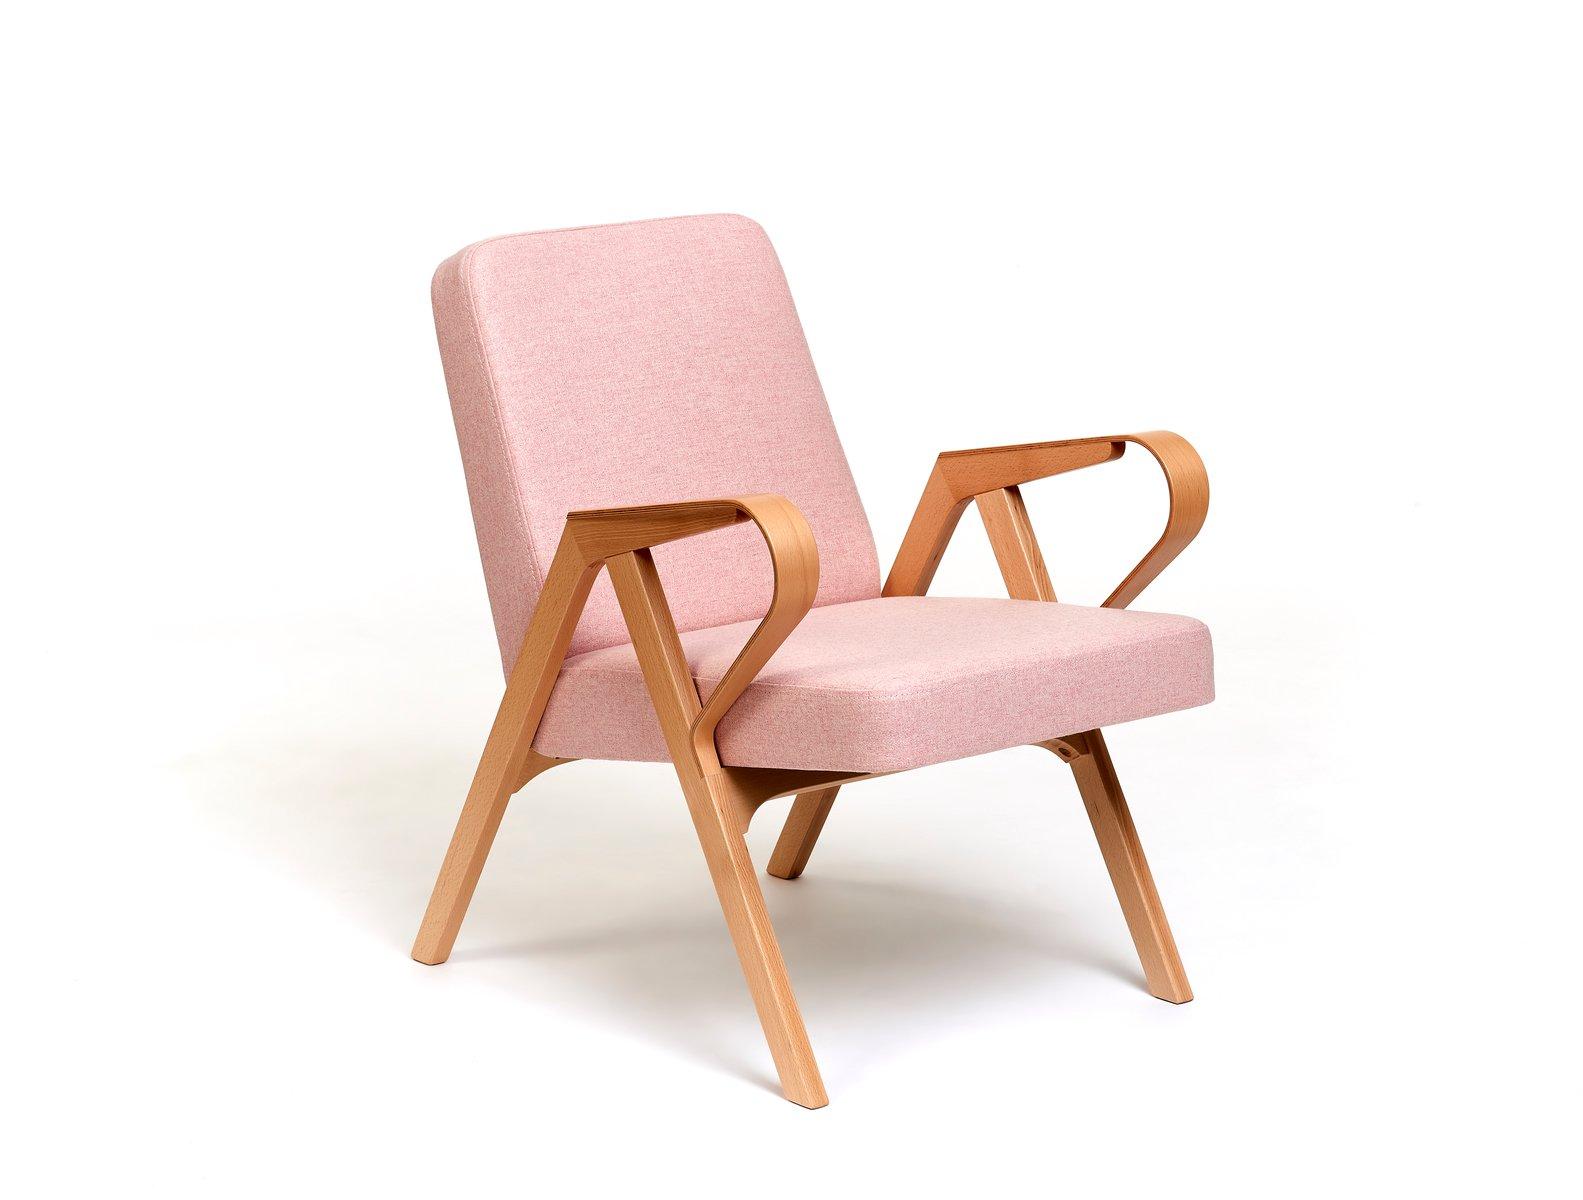 Aurora Polsterstuhl in rosa Wolle von Hunik Design